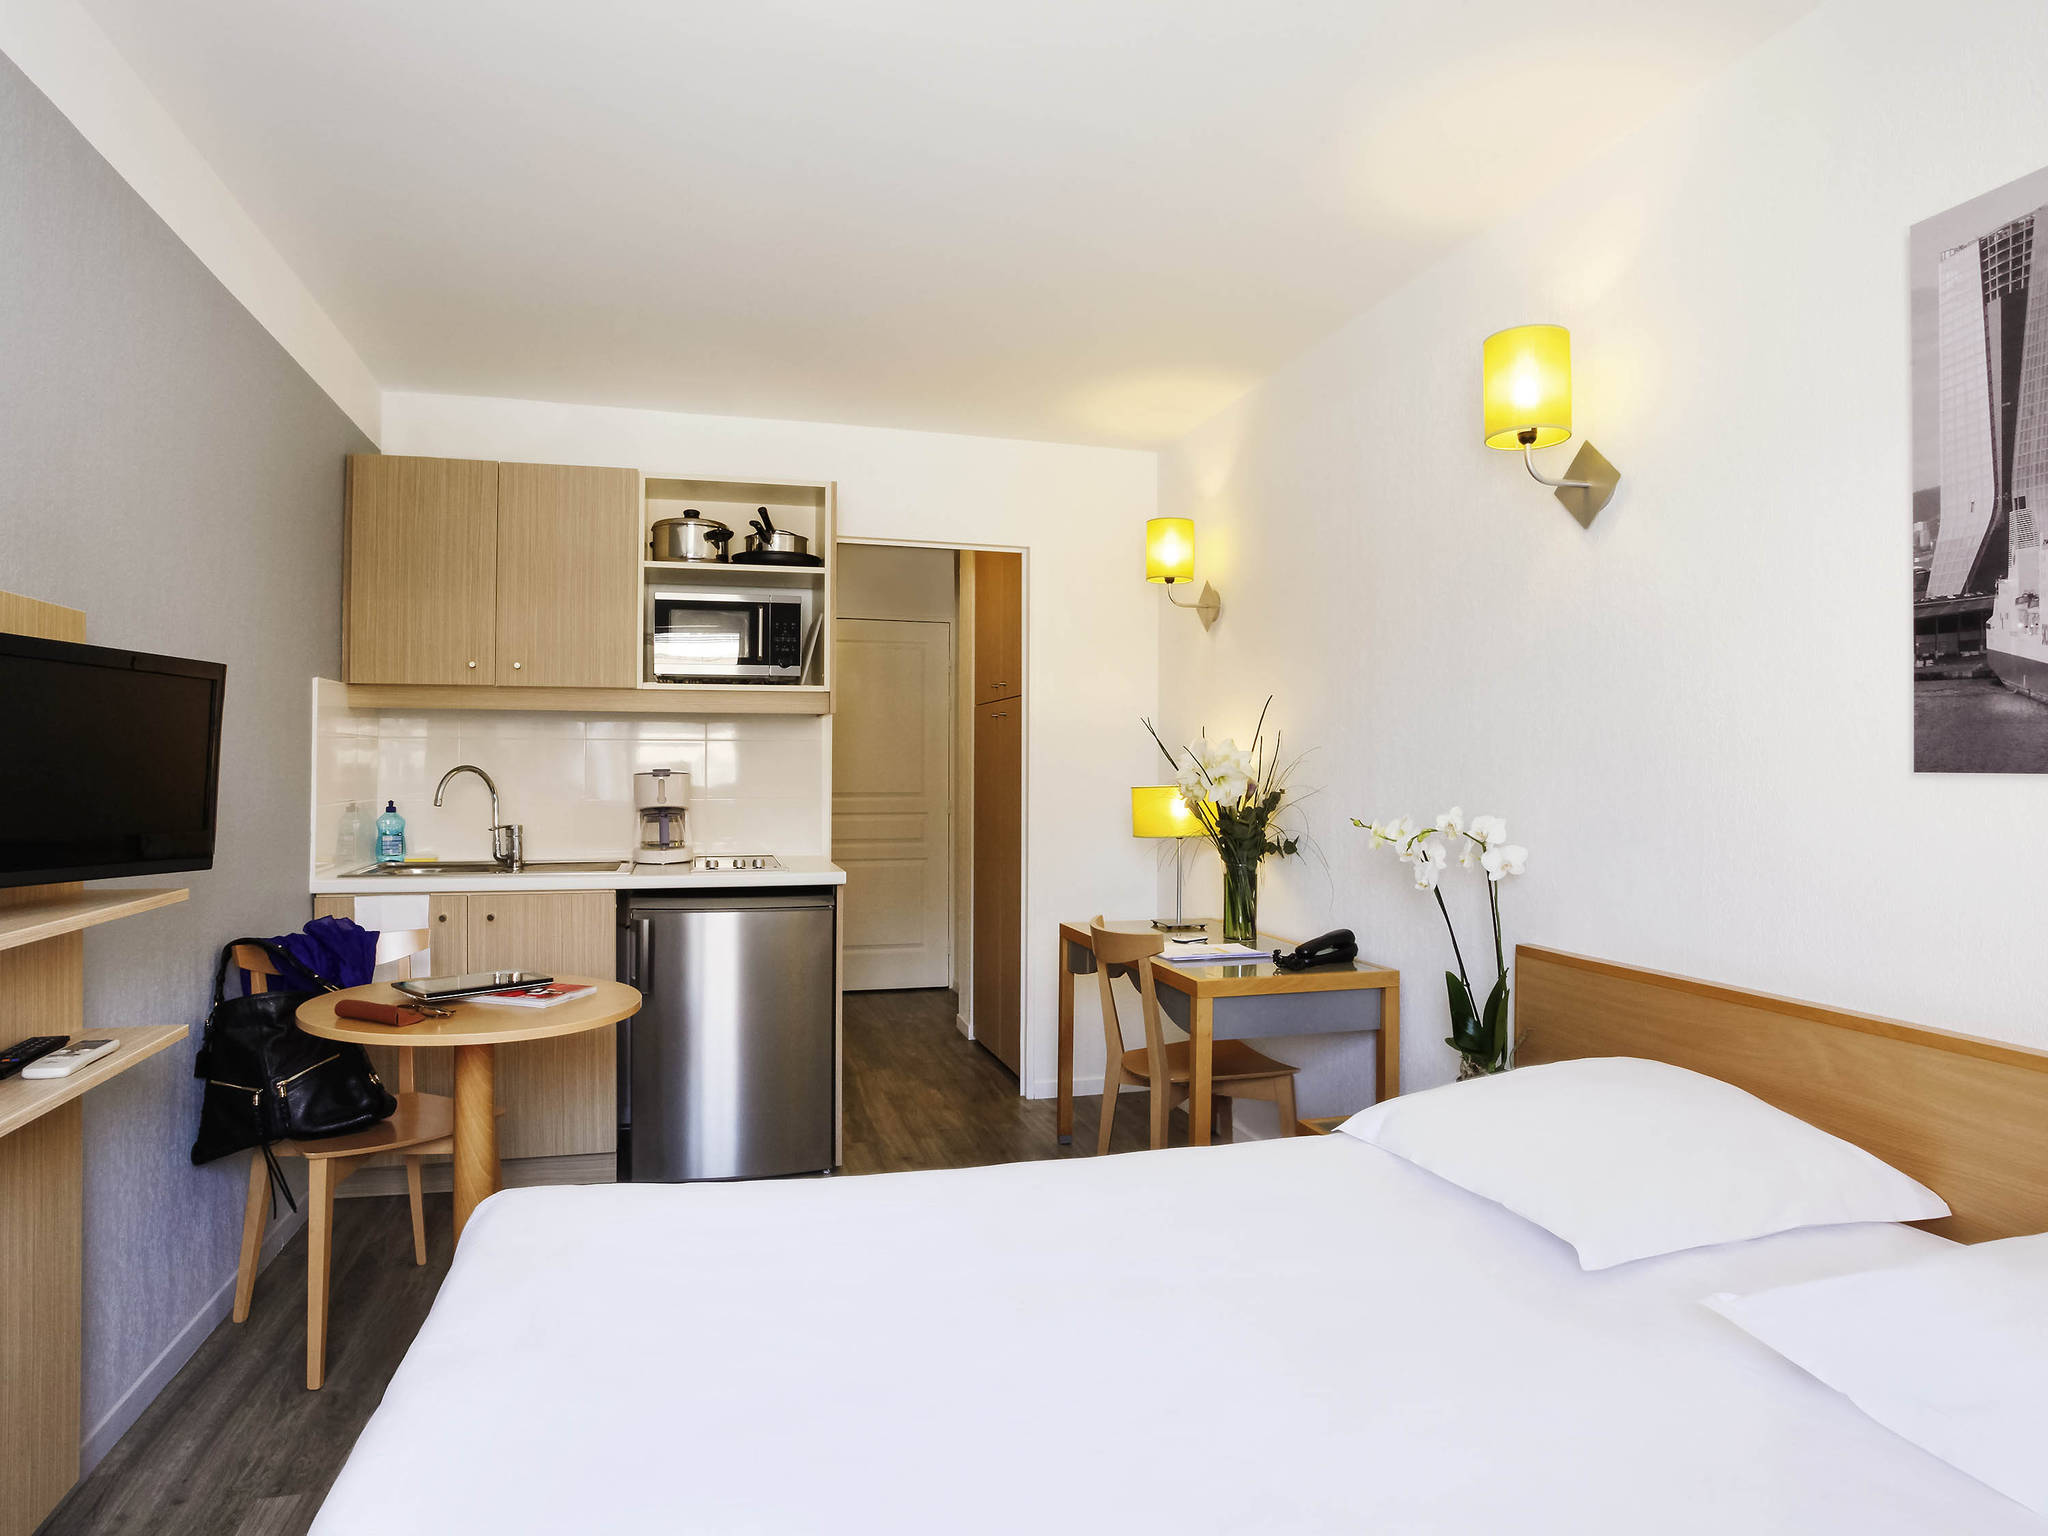 酒店 – 阿德吉奥阿克瑟斯马塞普拉多皮埃尔酒店